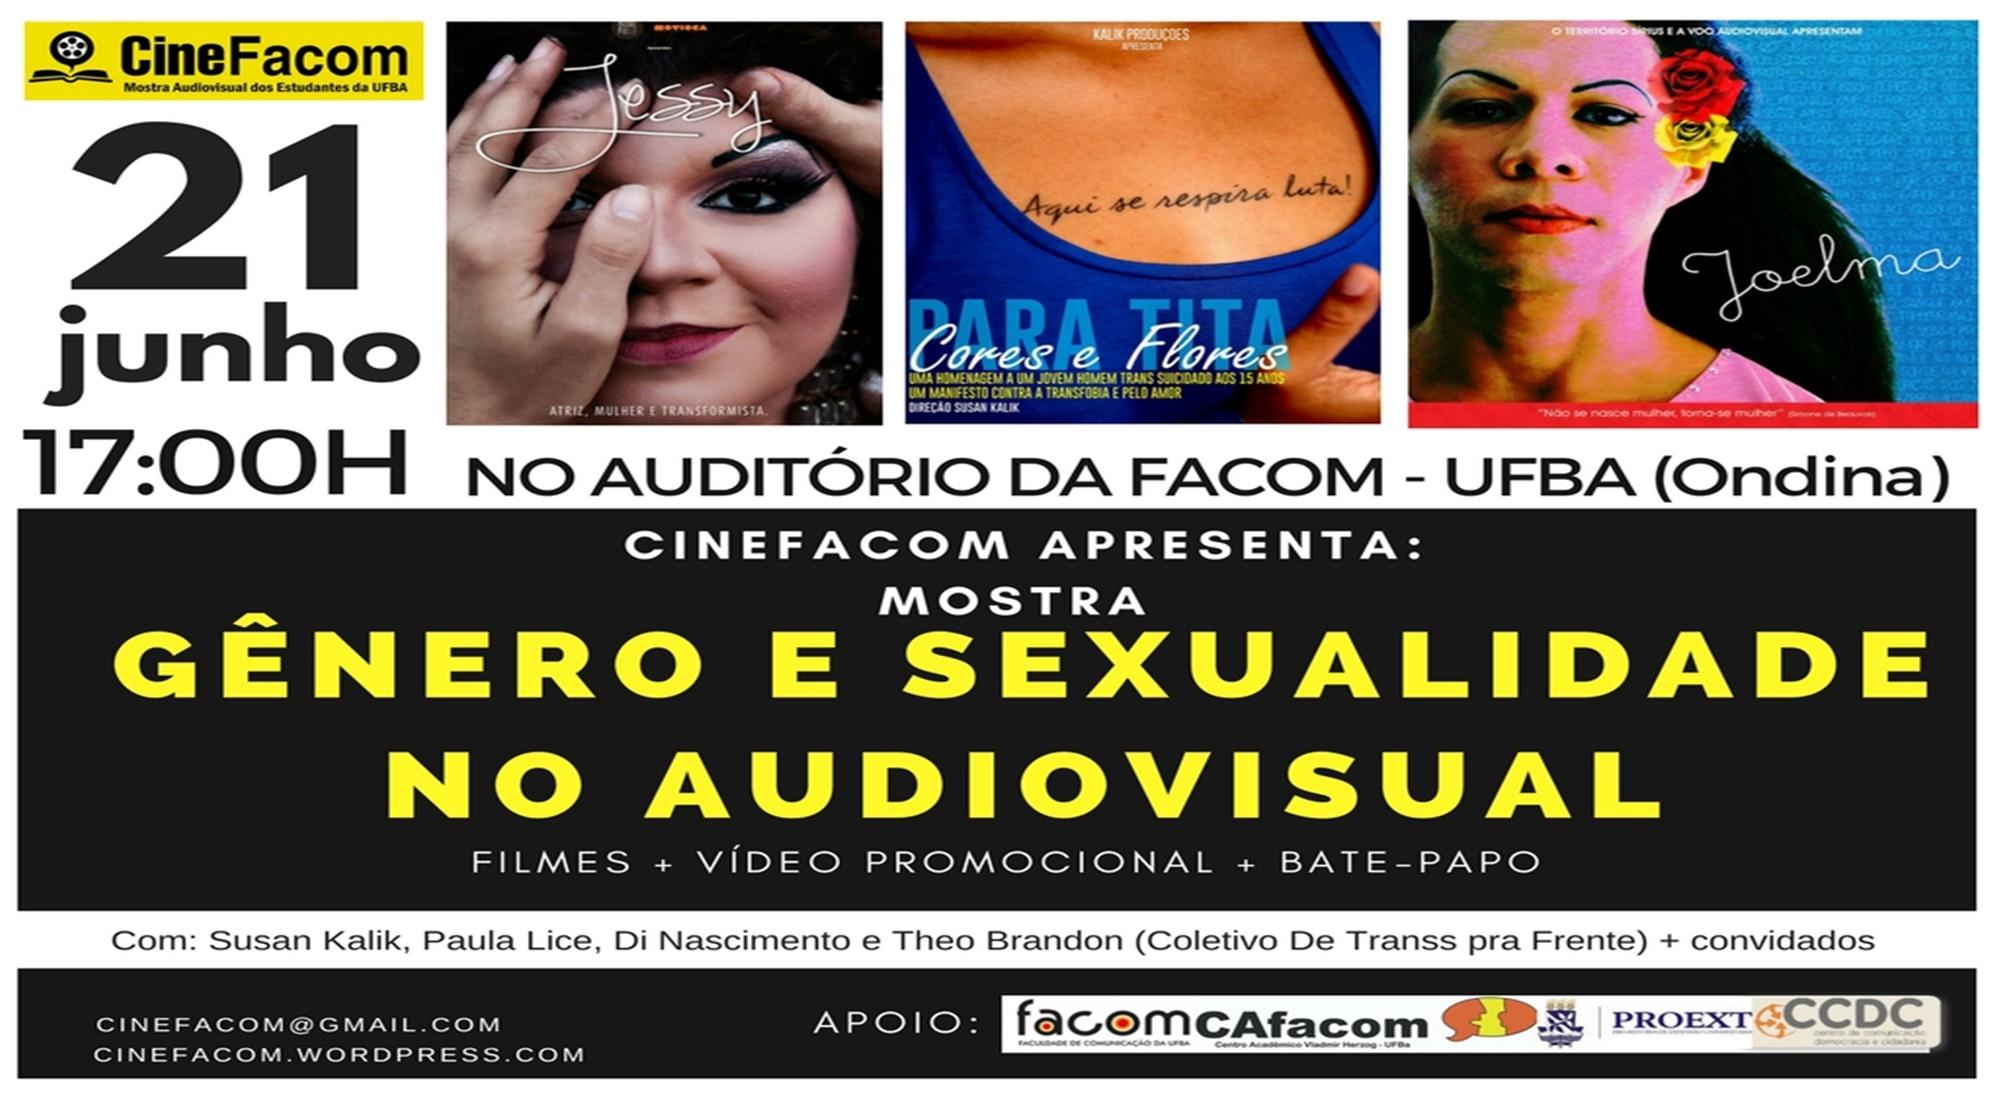 CineFacom Realiza a Mostra Gênero e Sexualidade no Audiovisual